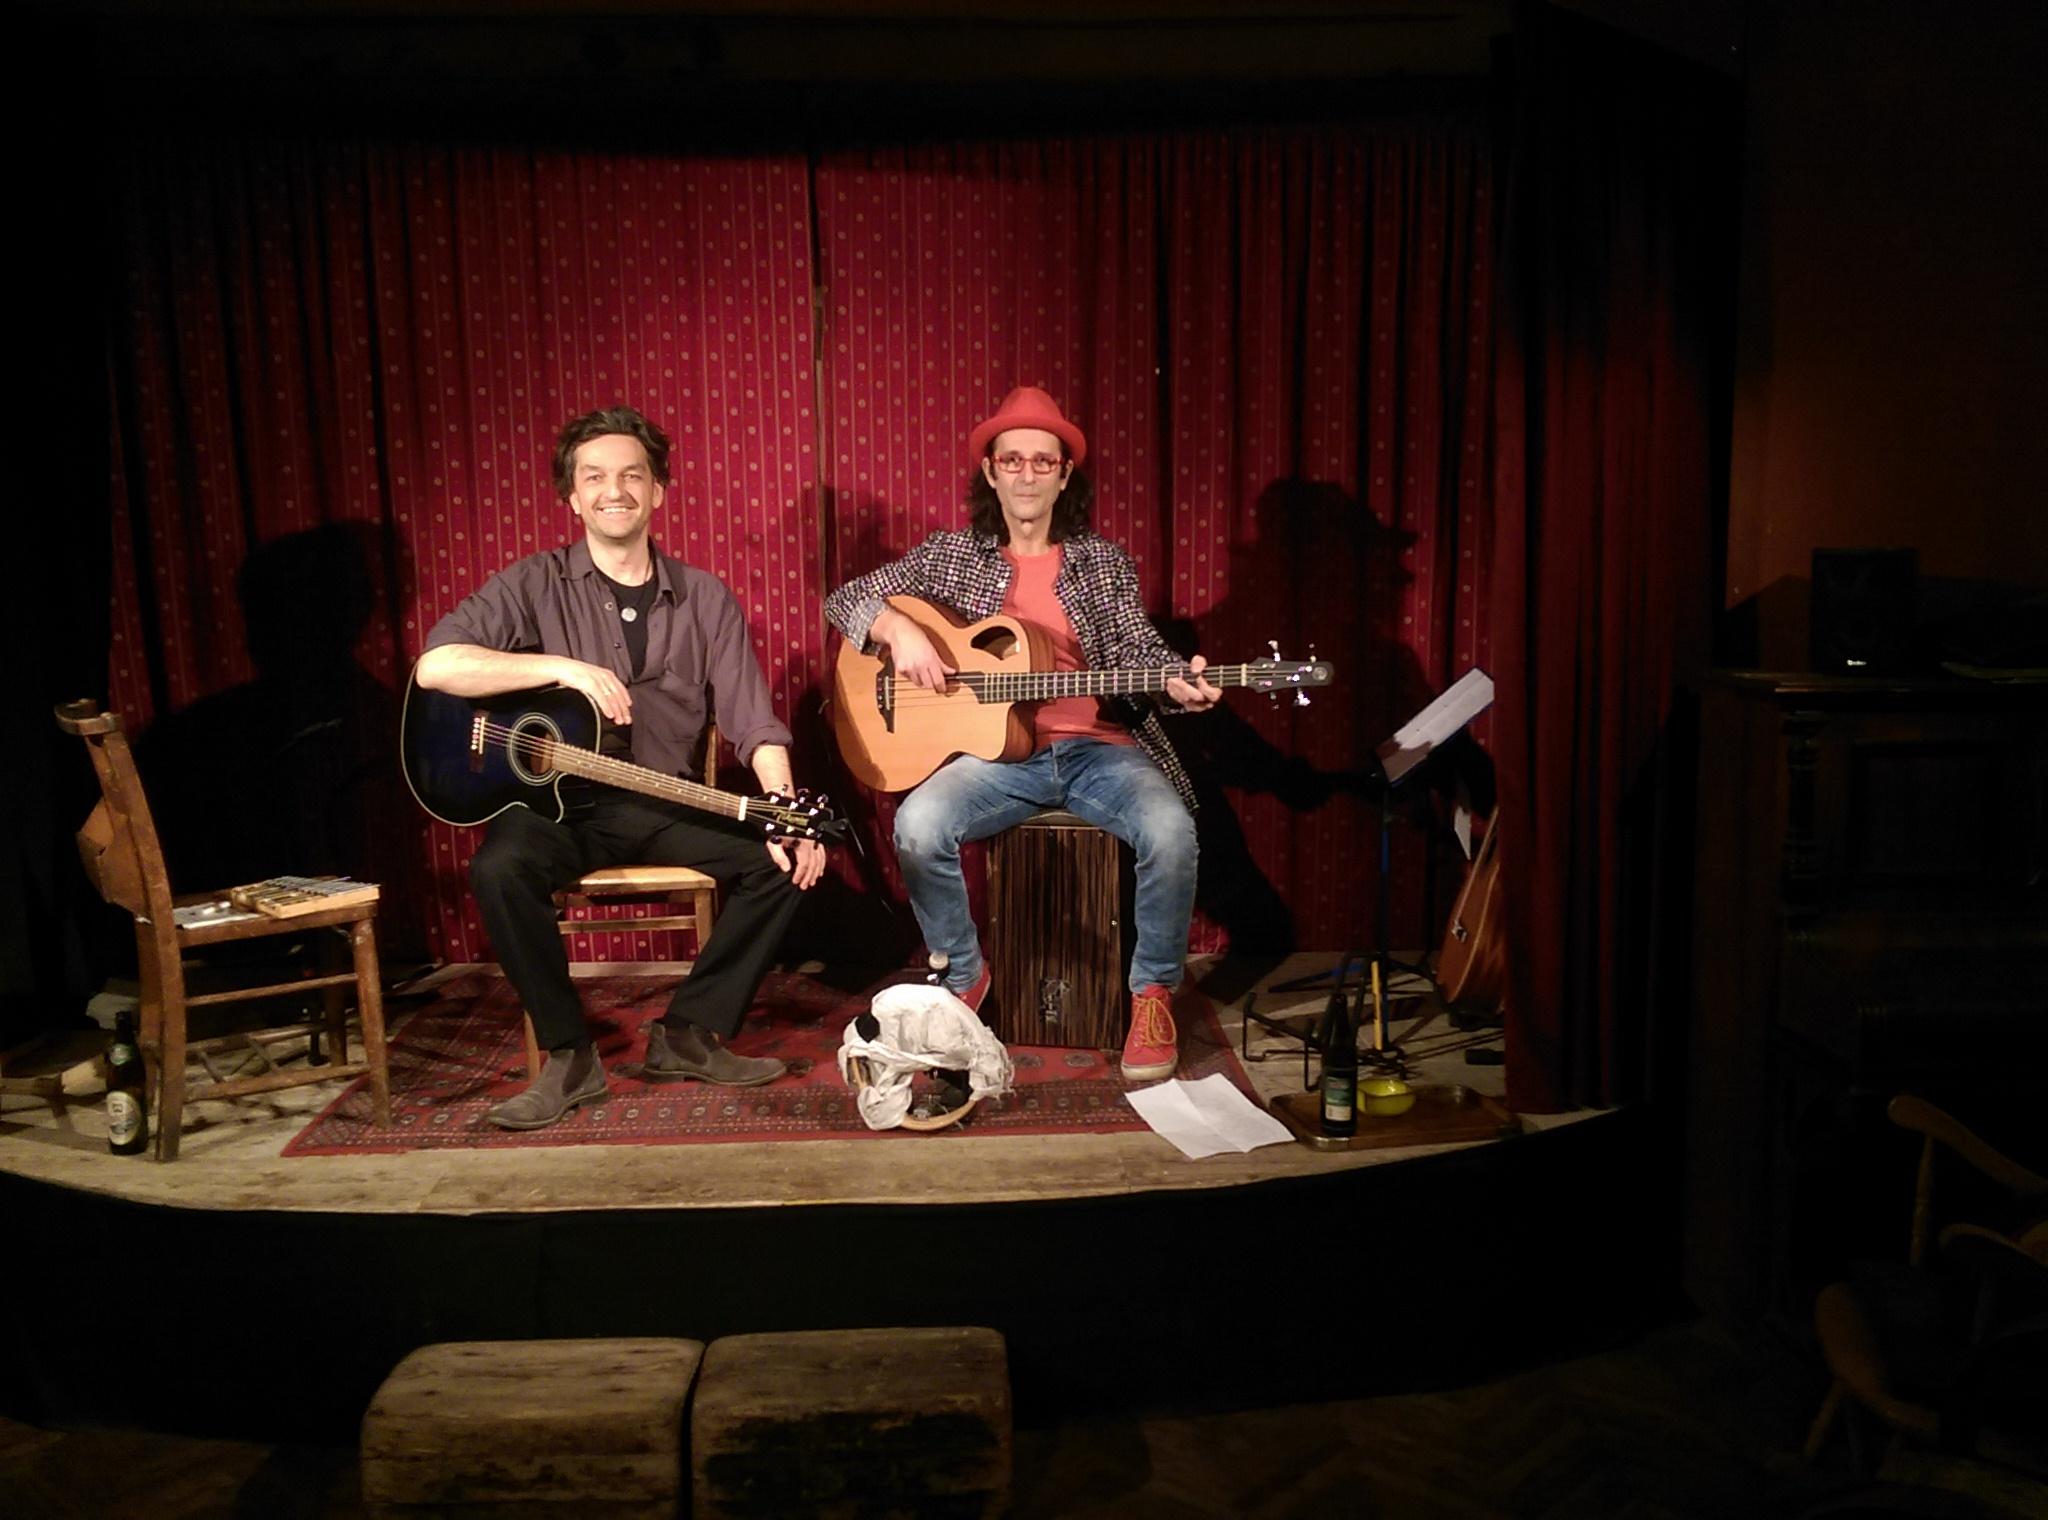 Reinauer im Duo mit Dixi auf der Bühne der Liedermacherlounge, Reinauer links sitzend mit Gitarre, Dixi rechts sitzend mit akustischem Bass